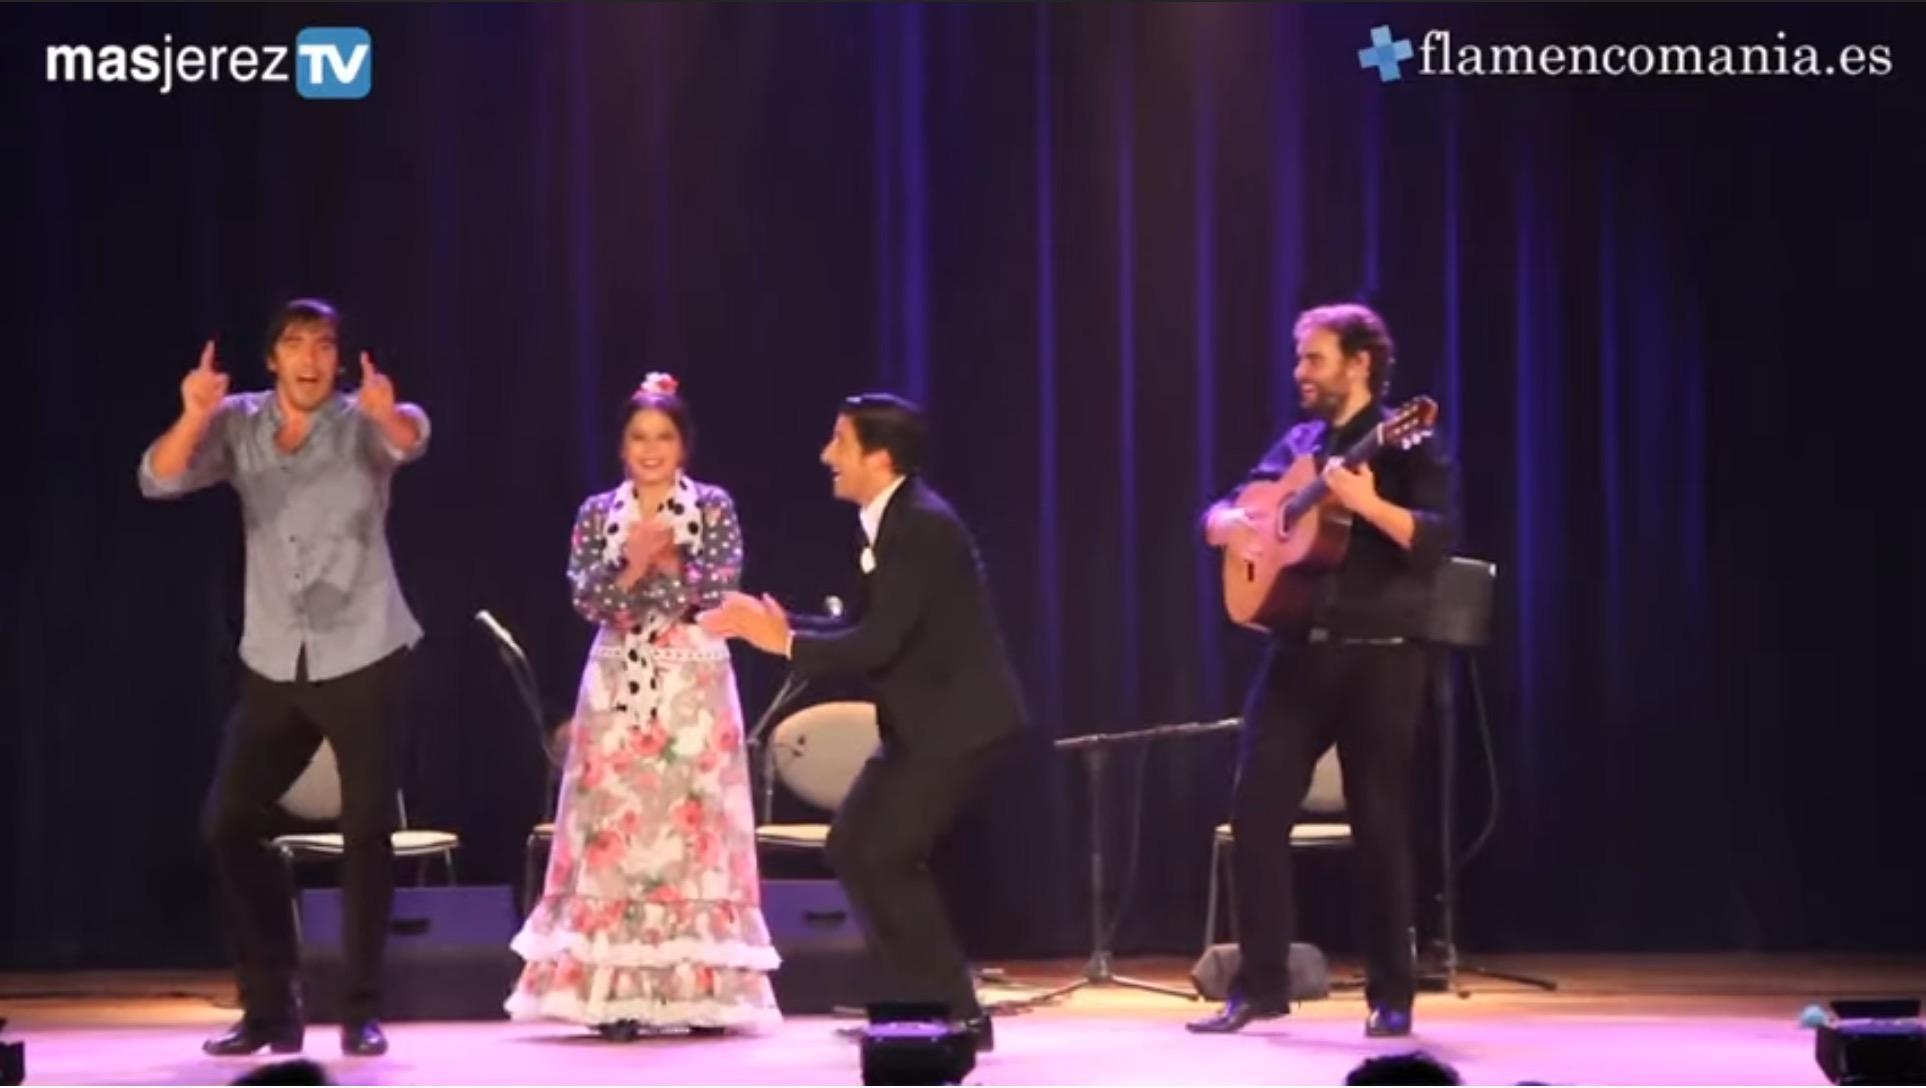 Flamencomanía TV: YoMeQuedoEnCasa - Día 4 - Las damas del baile flamenco